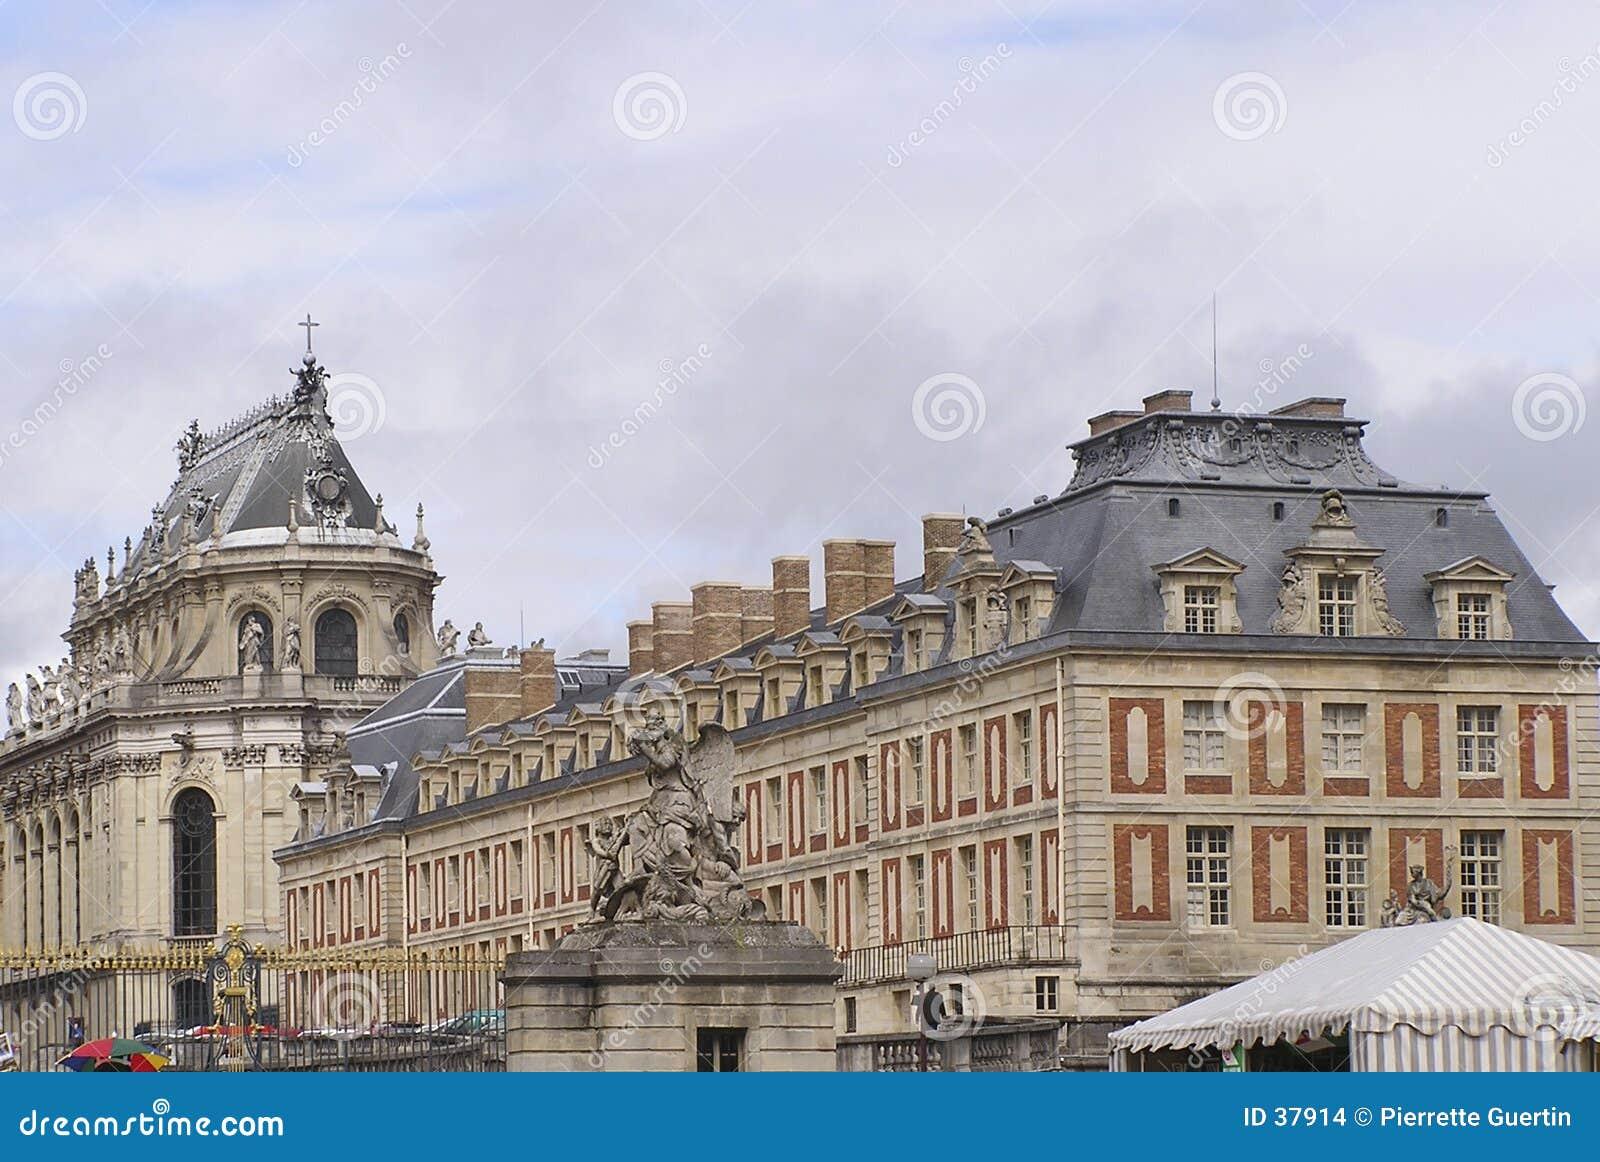 Palast von Versailles 4